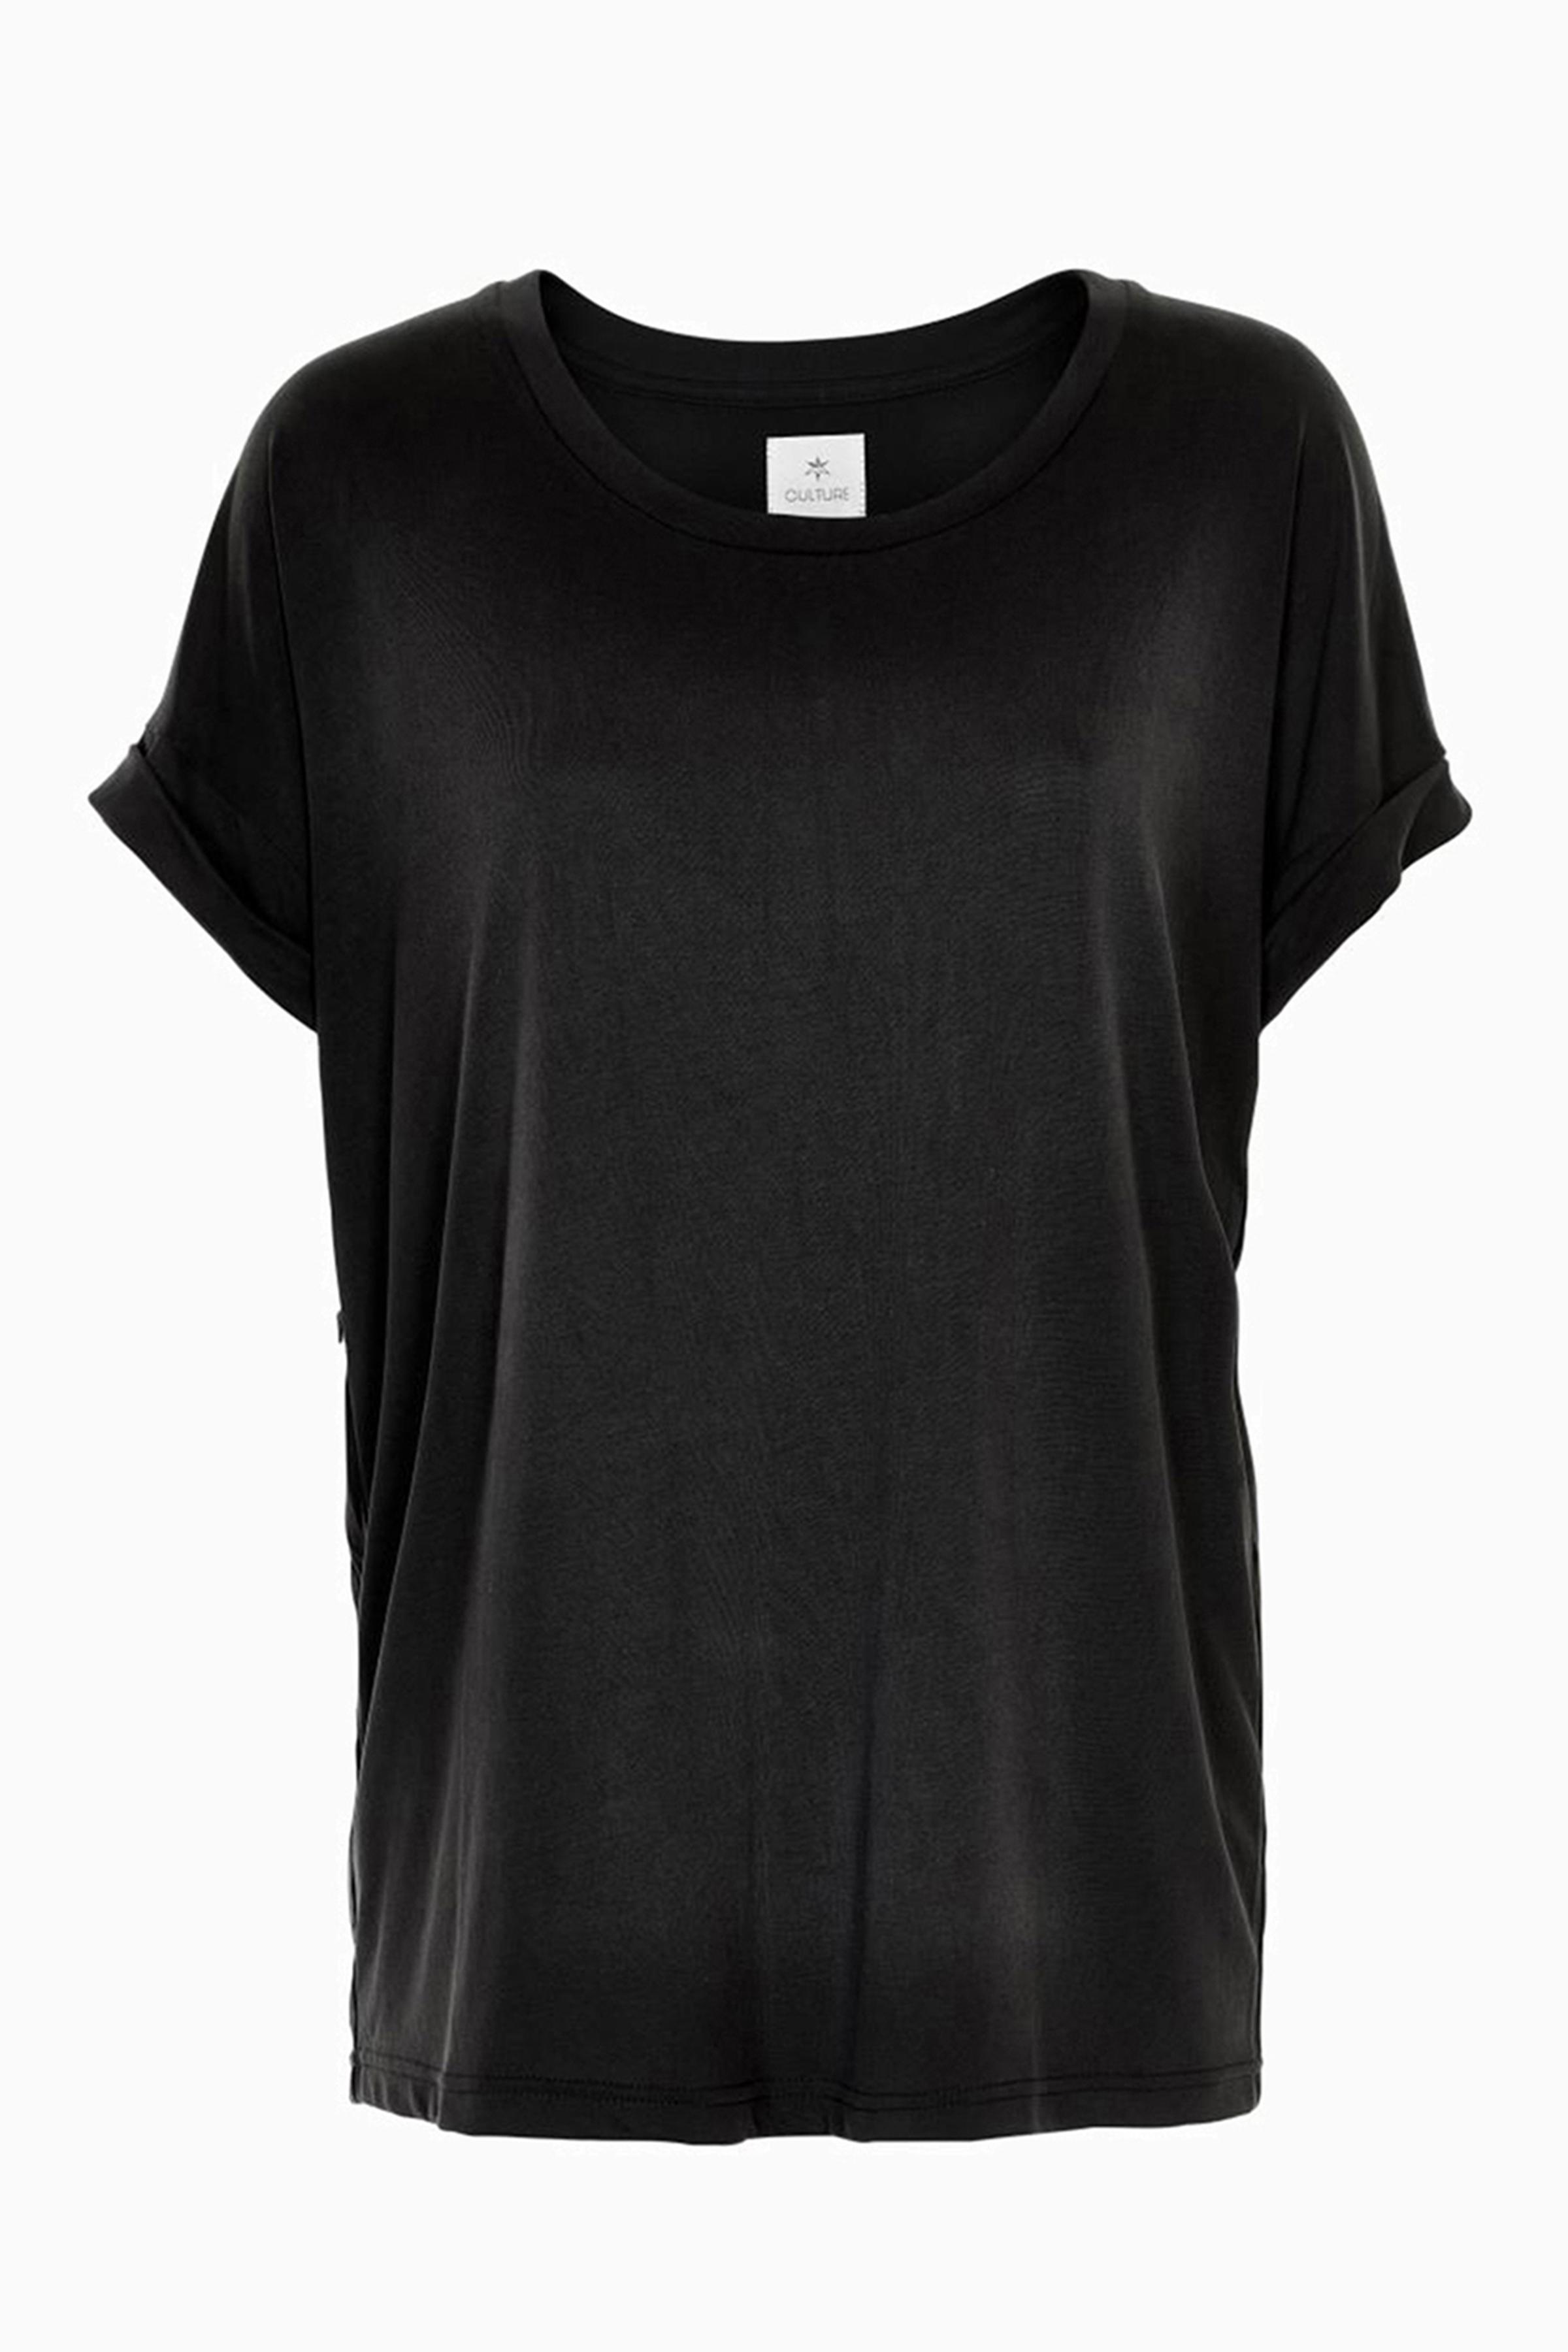 Sort Kortærmet T-shirt fra Culture – Køb Sort Kortærmet T-shirt fra str. XS-XXL her